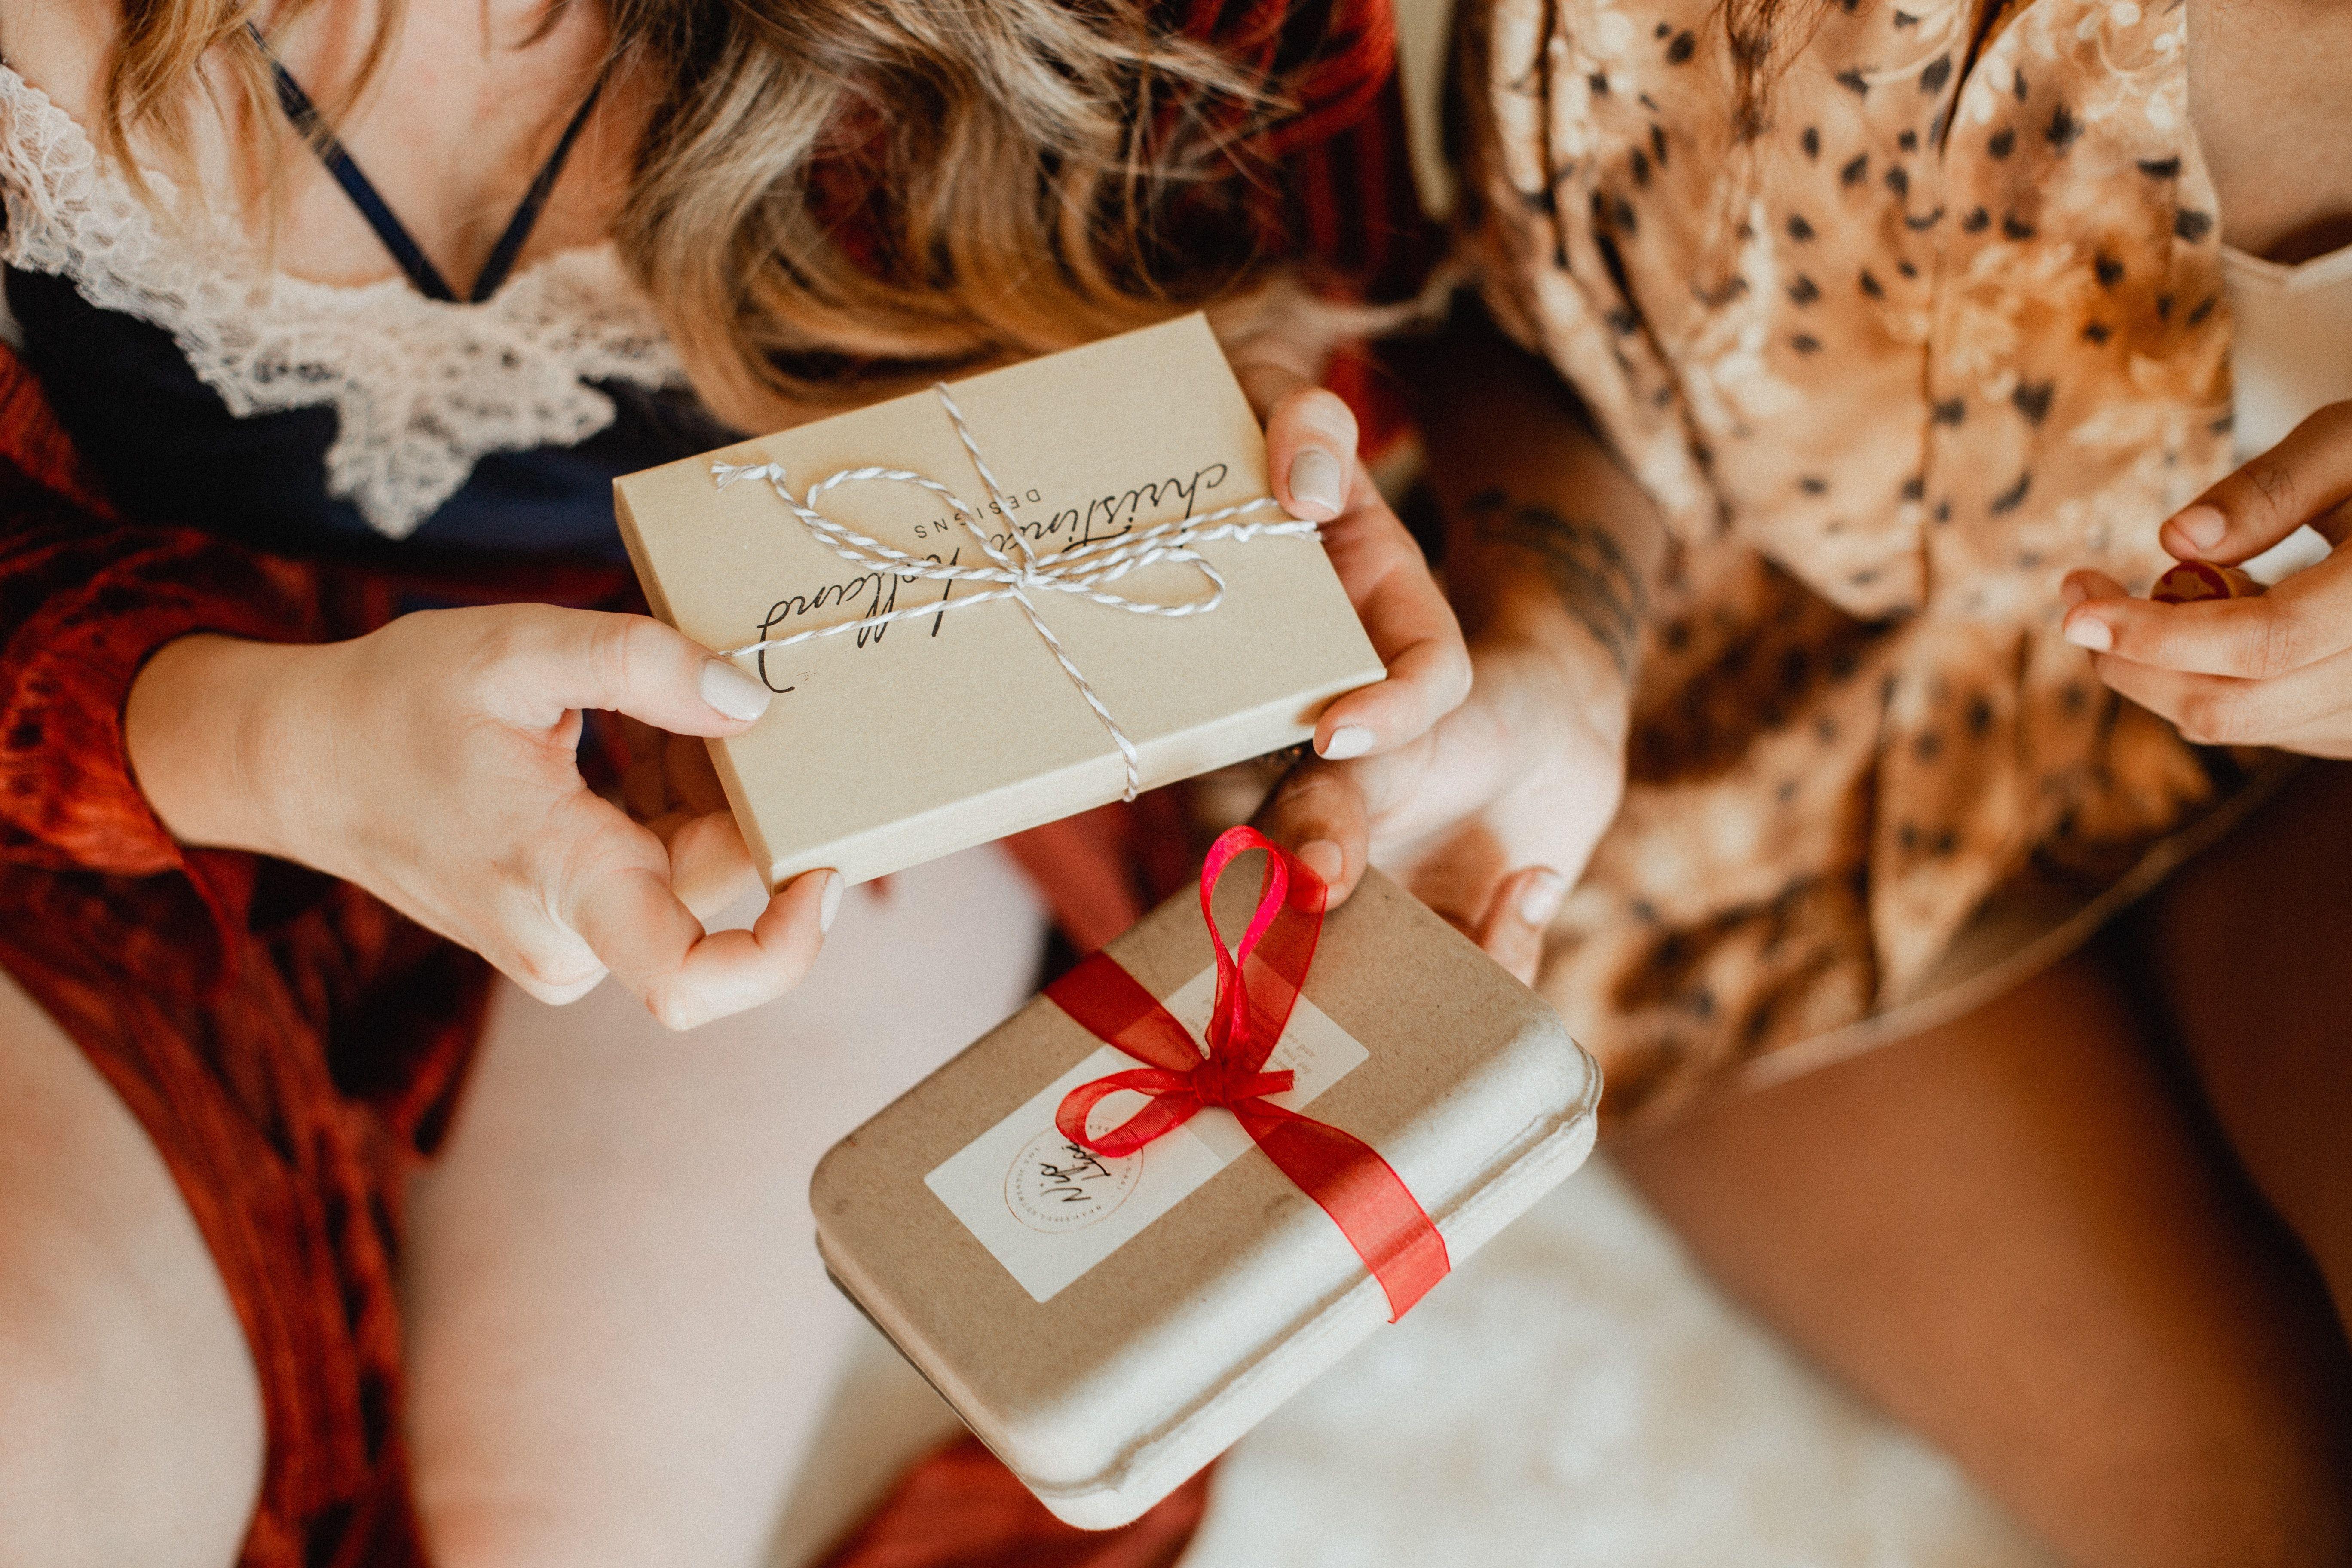 Questi sono i regali di Natale (last minute) per lei, che raccontano una storia e significano ti voglio bene